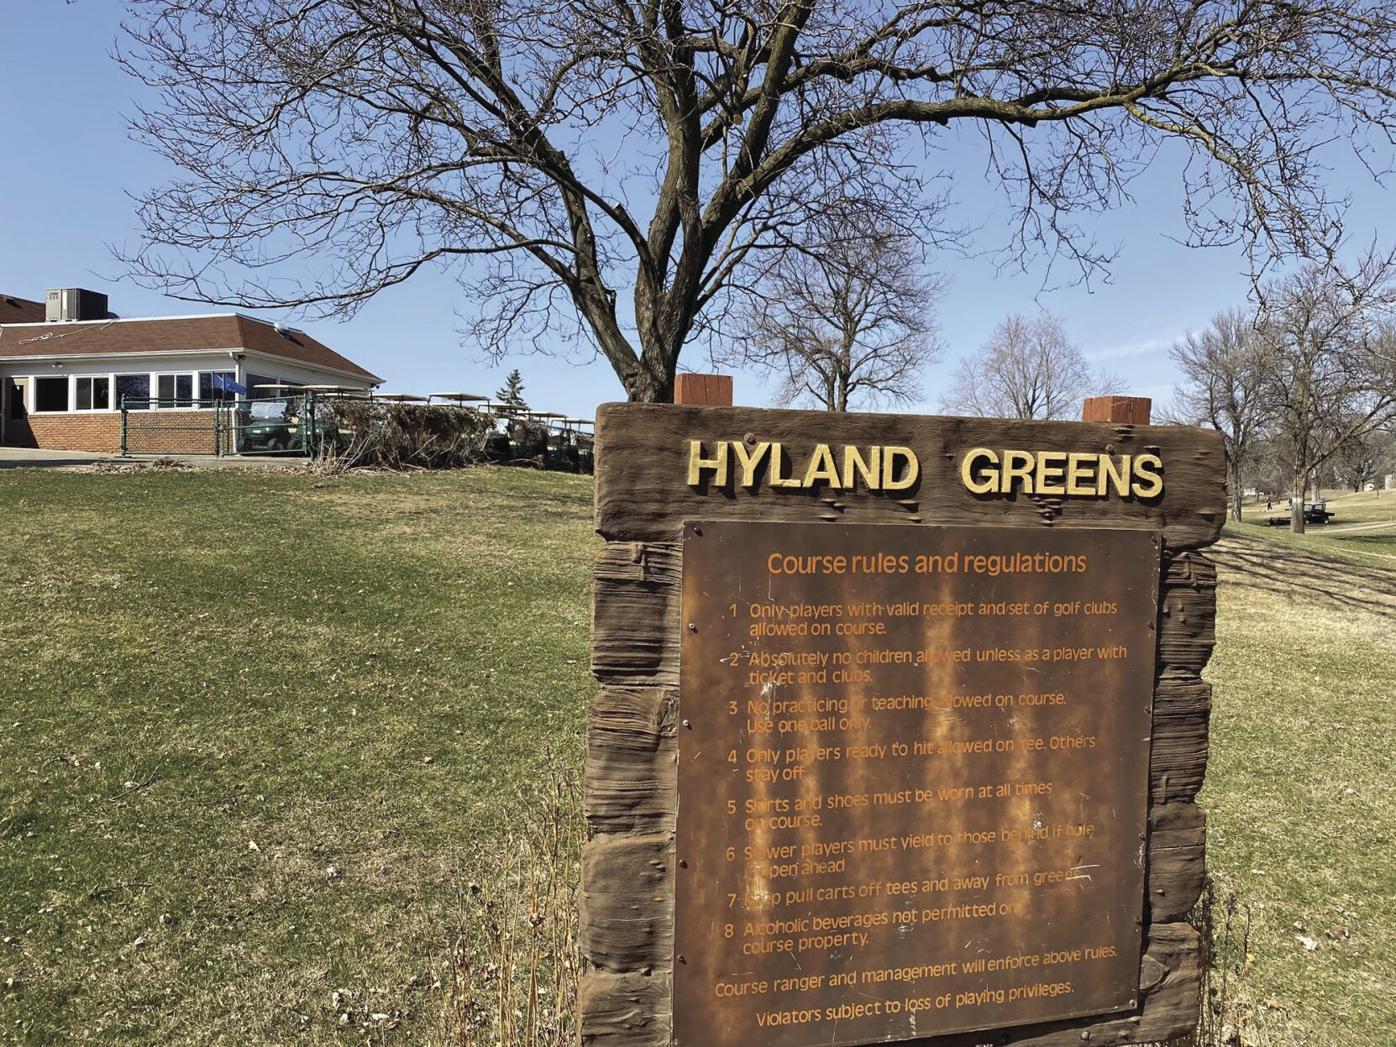 Hyland Greens